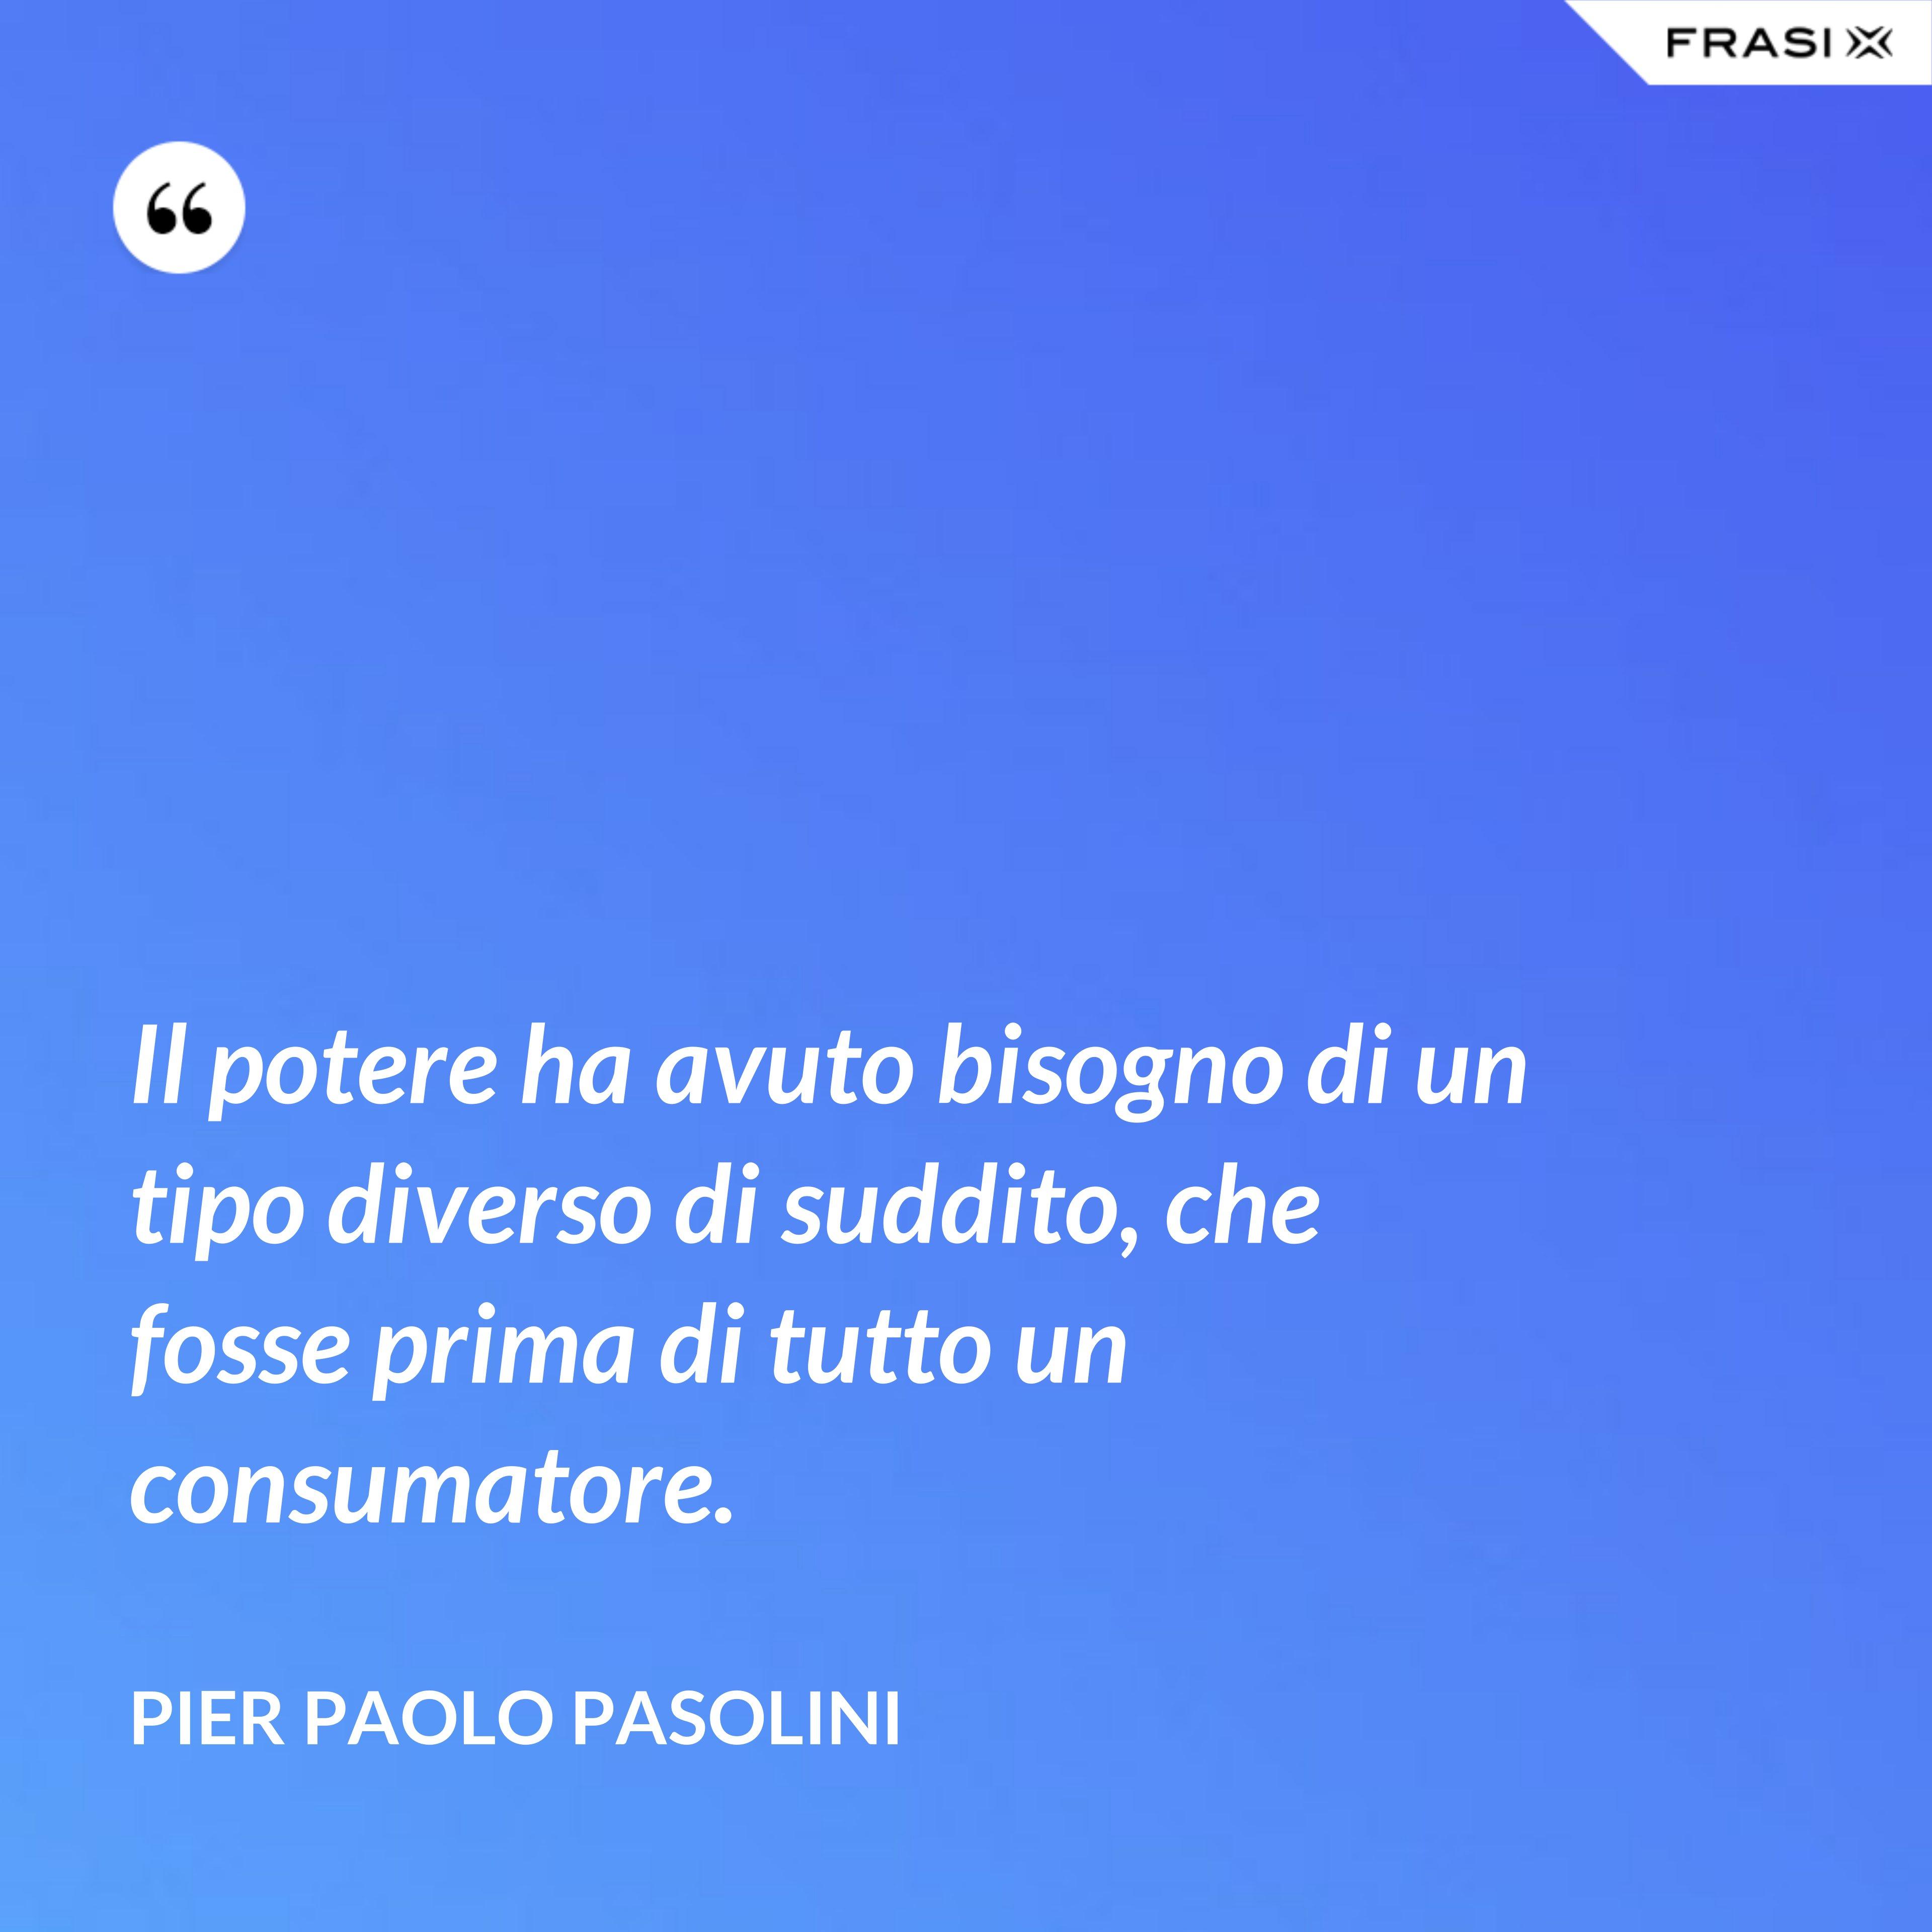 Il potere ha avuto bisogno di un tipo diverso di suddito, che fosse prima di tutto un consumatore. - Pier Paolo Pasolini